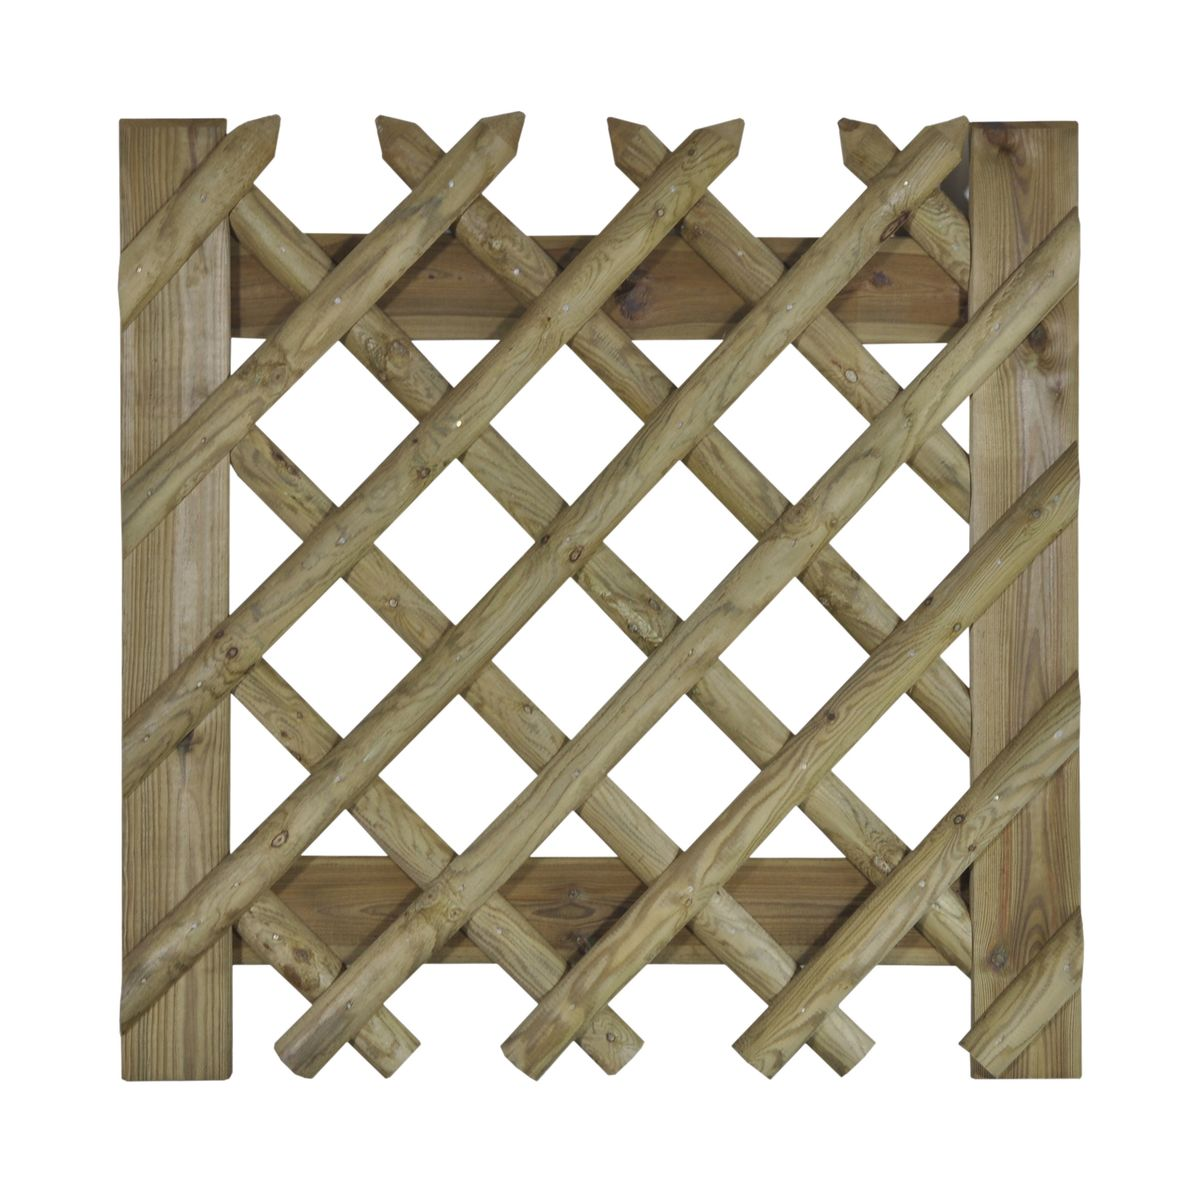 Bordure recinzione acquisto per albero giardino 2 for Cancelletto leroy merlin